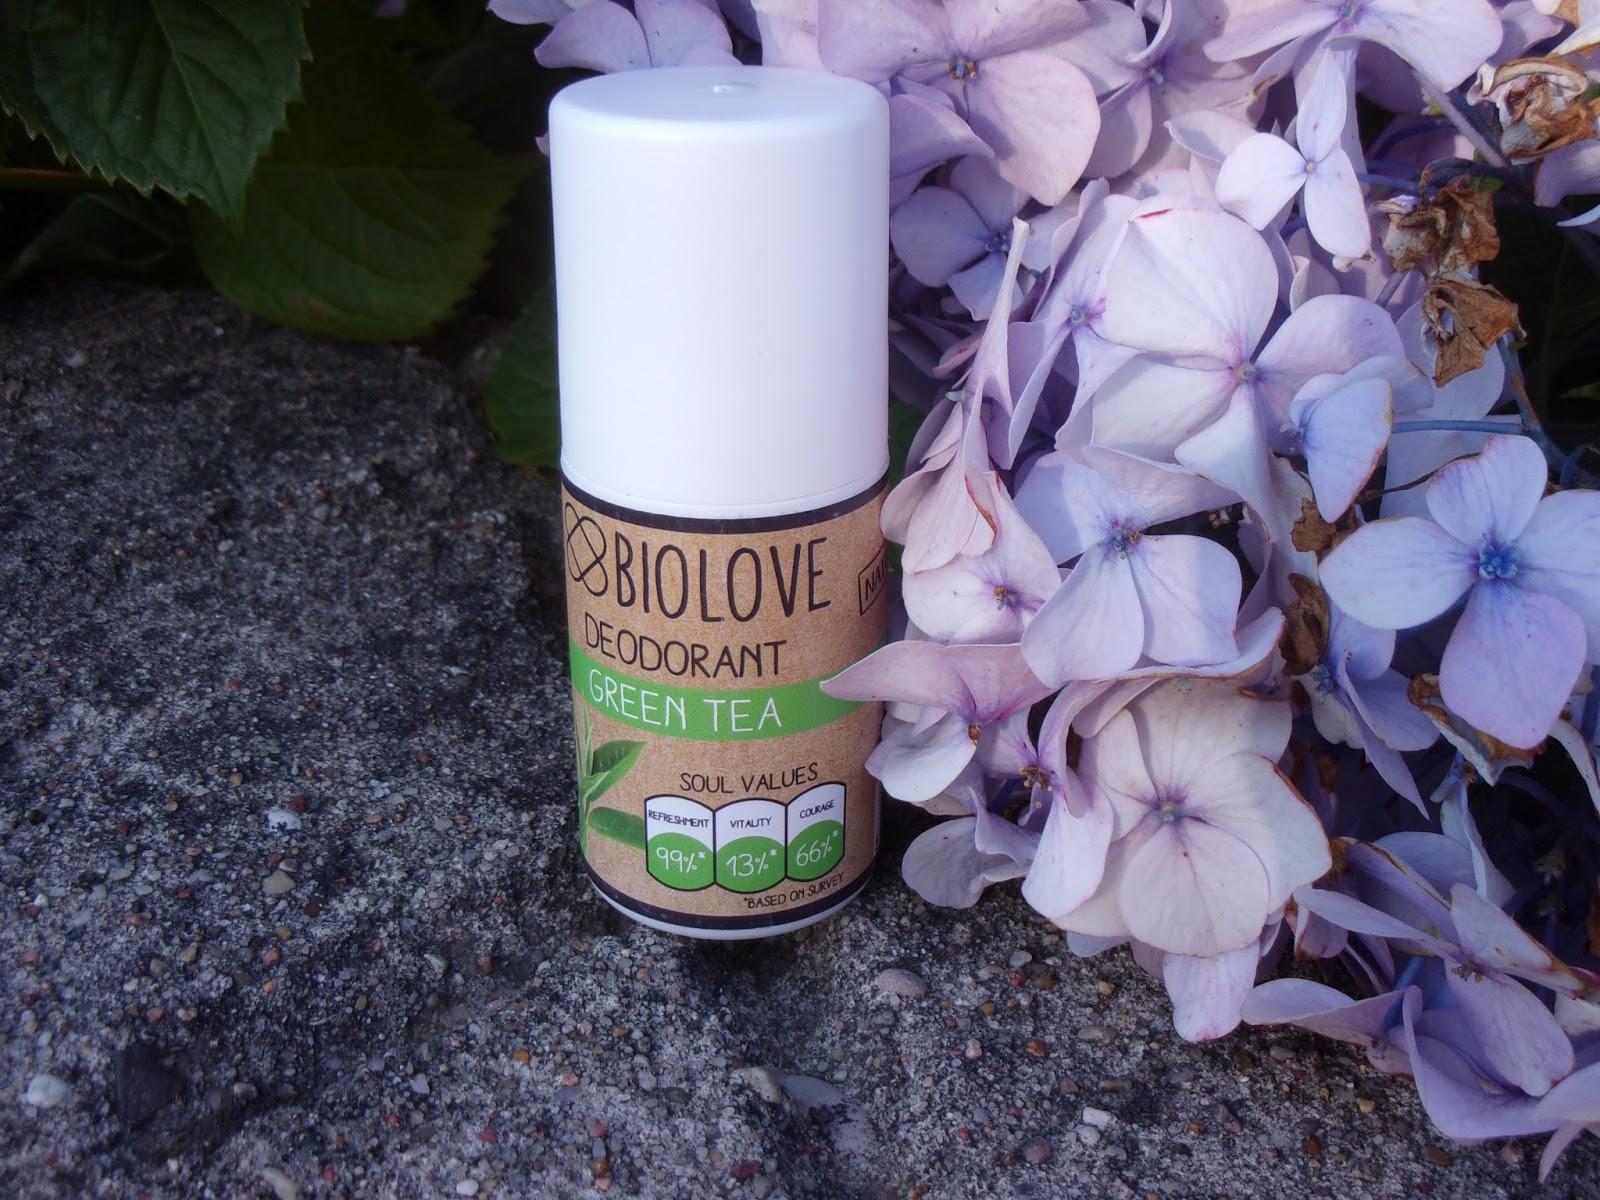 Dezodorant Biolove o zapachu zielonej herbaty